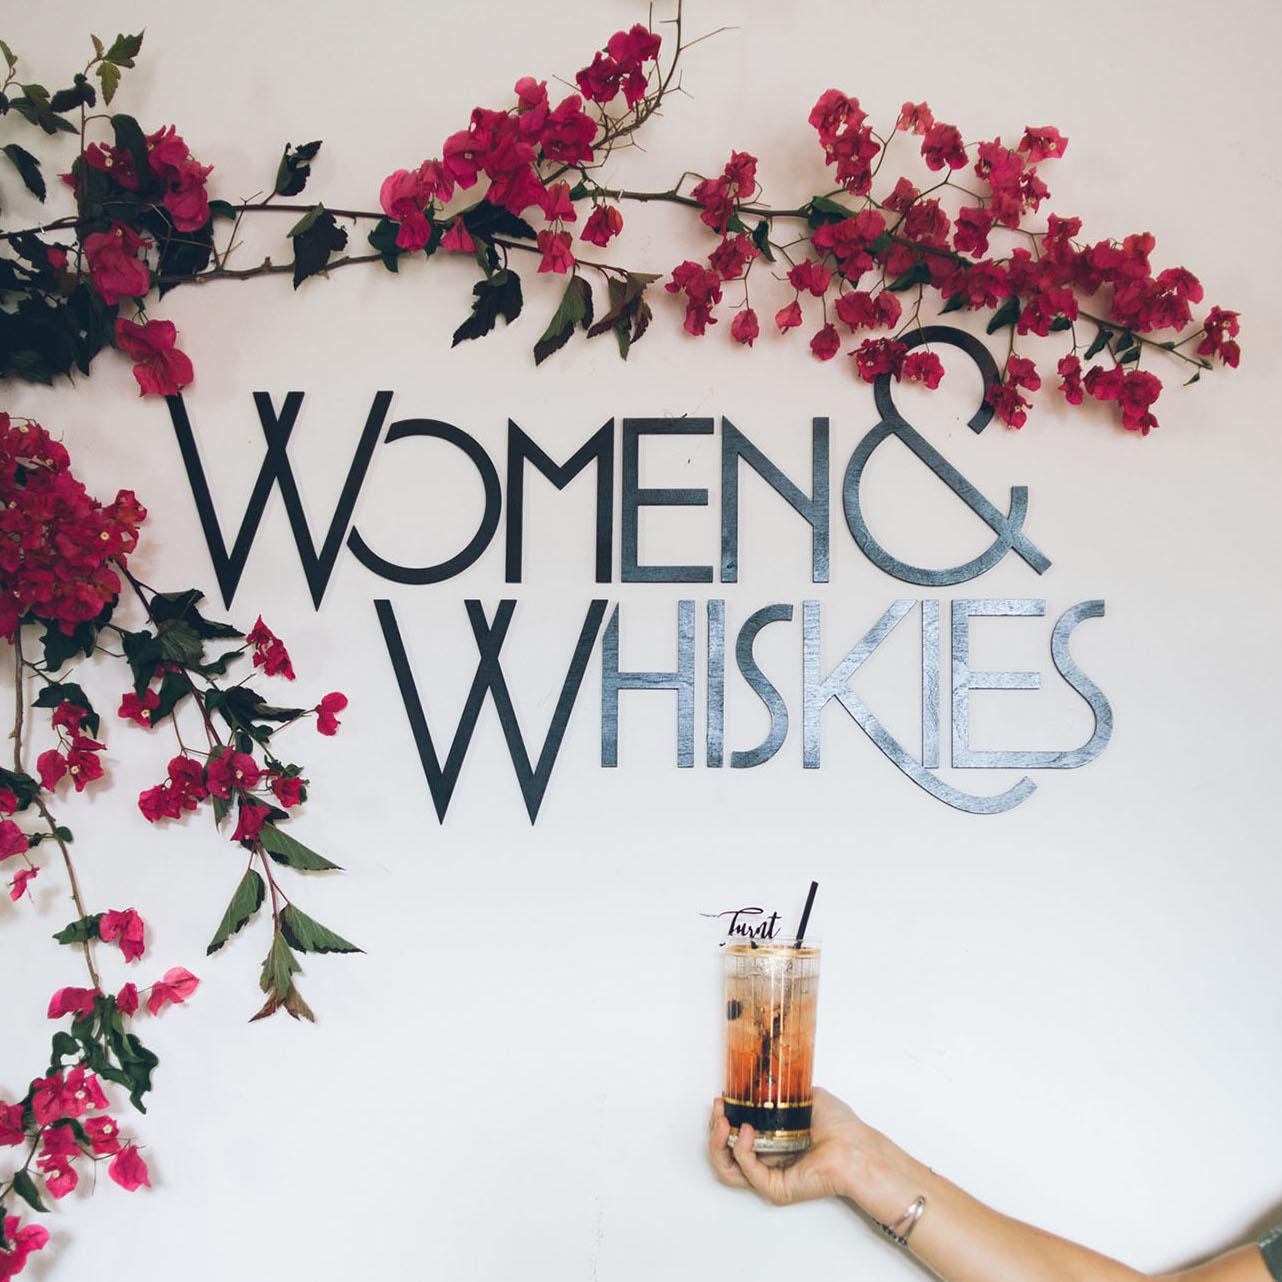 womenwhiskies-styled-10.jpg